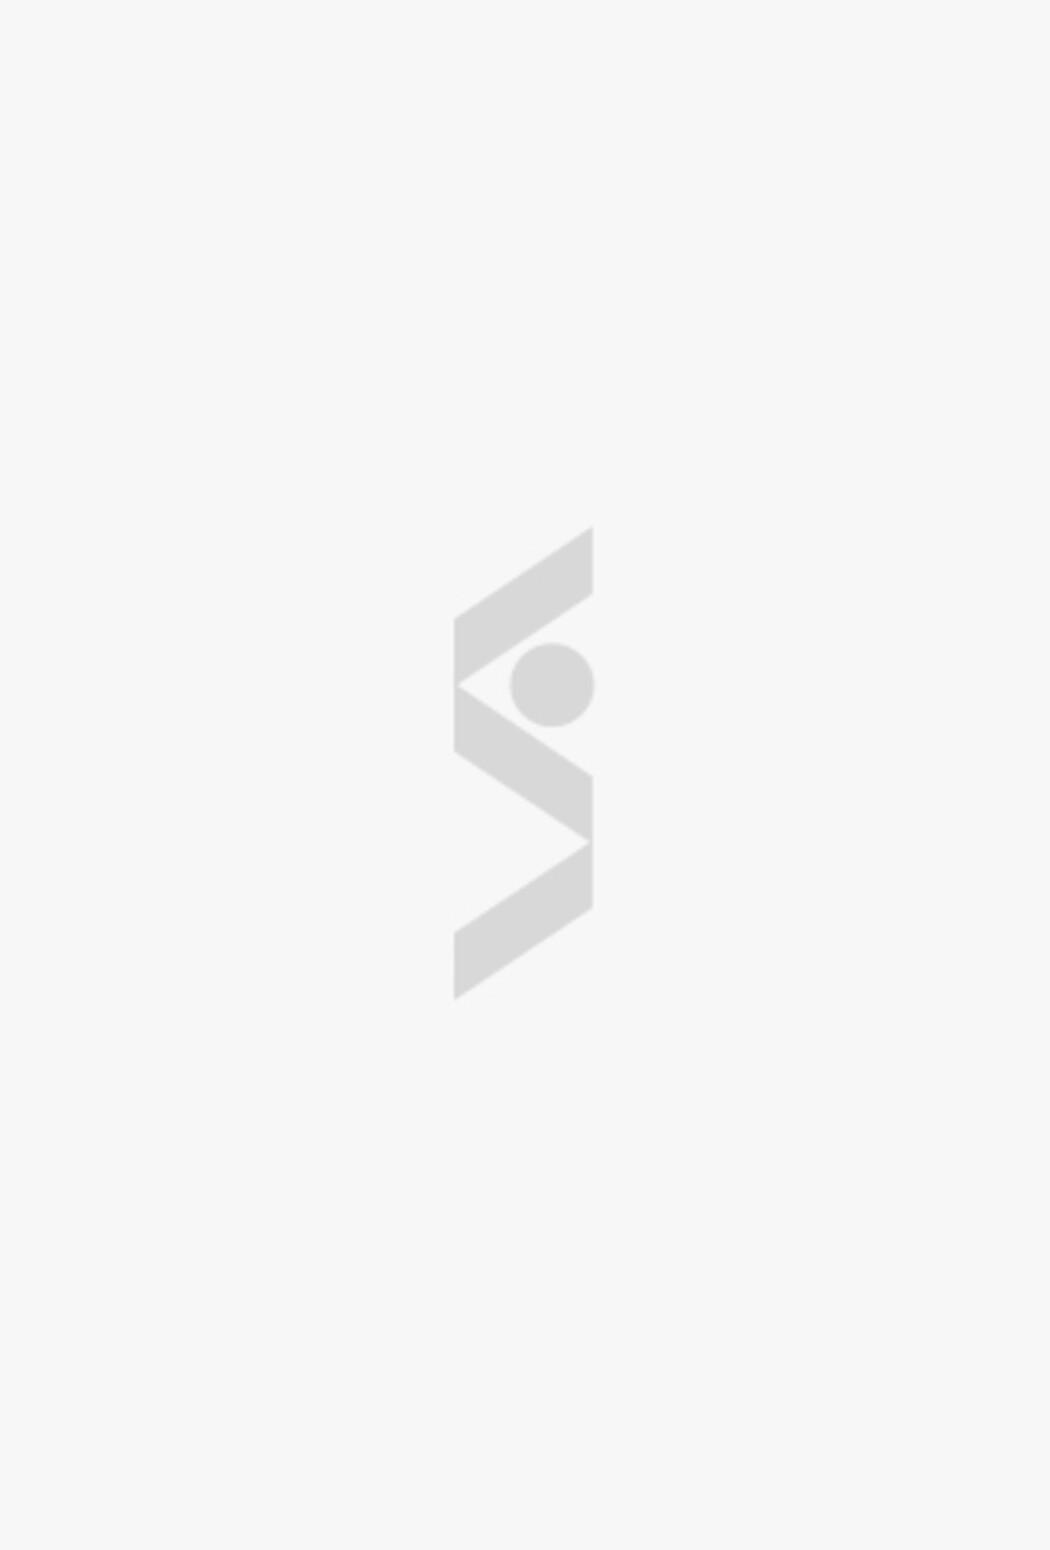 Косметика теана купить в магазинах в москве микролиз косметика купить екатеринбург